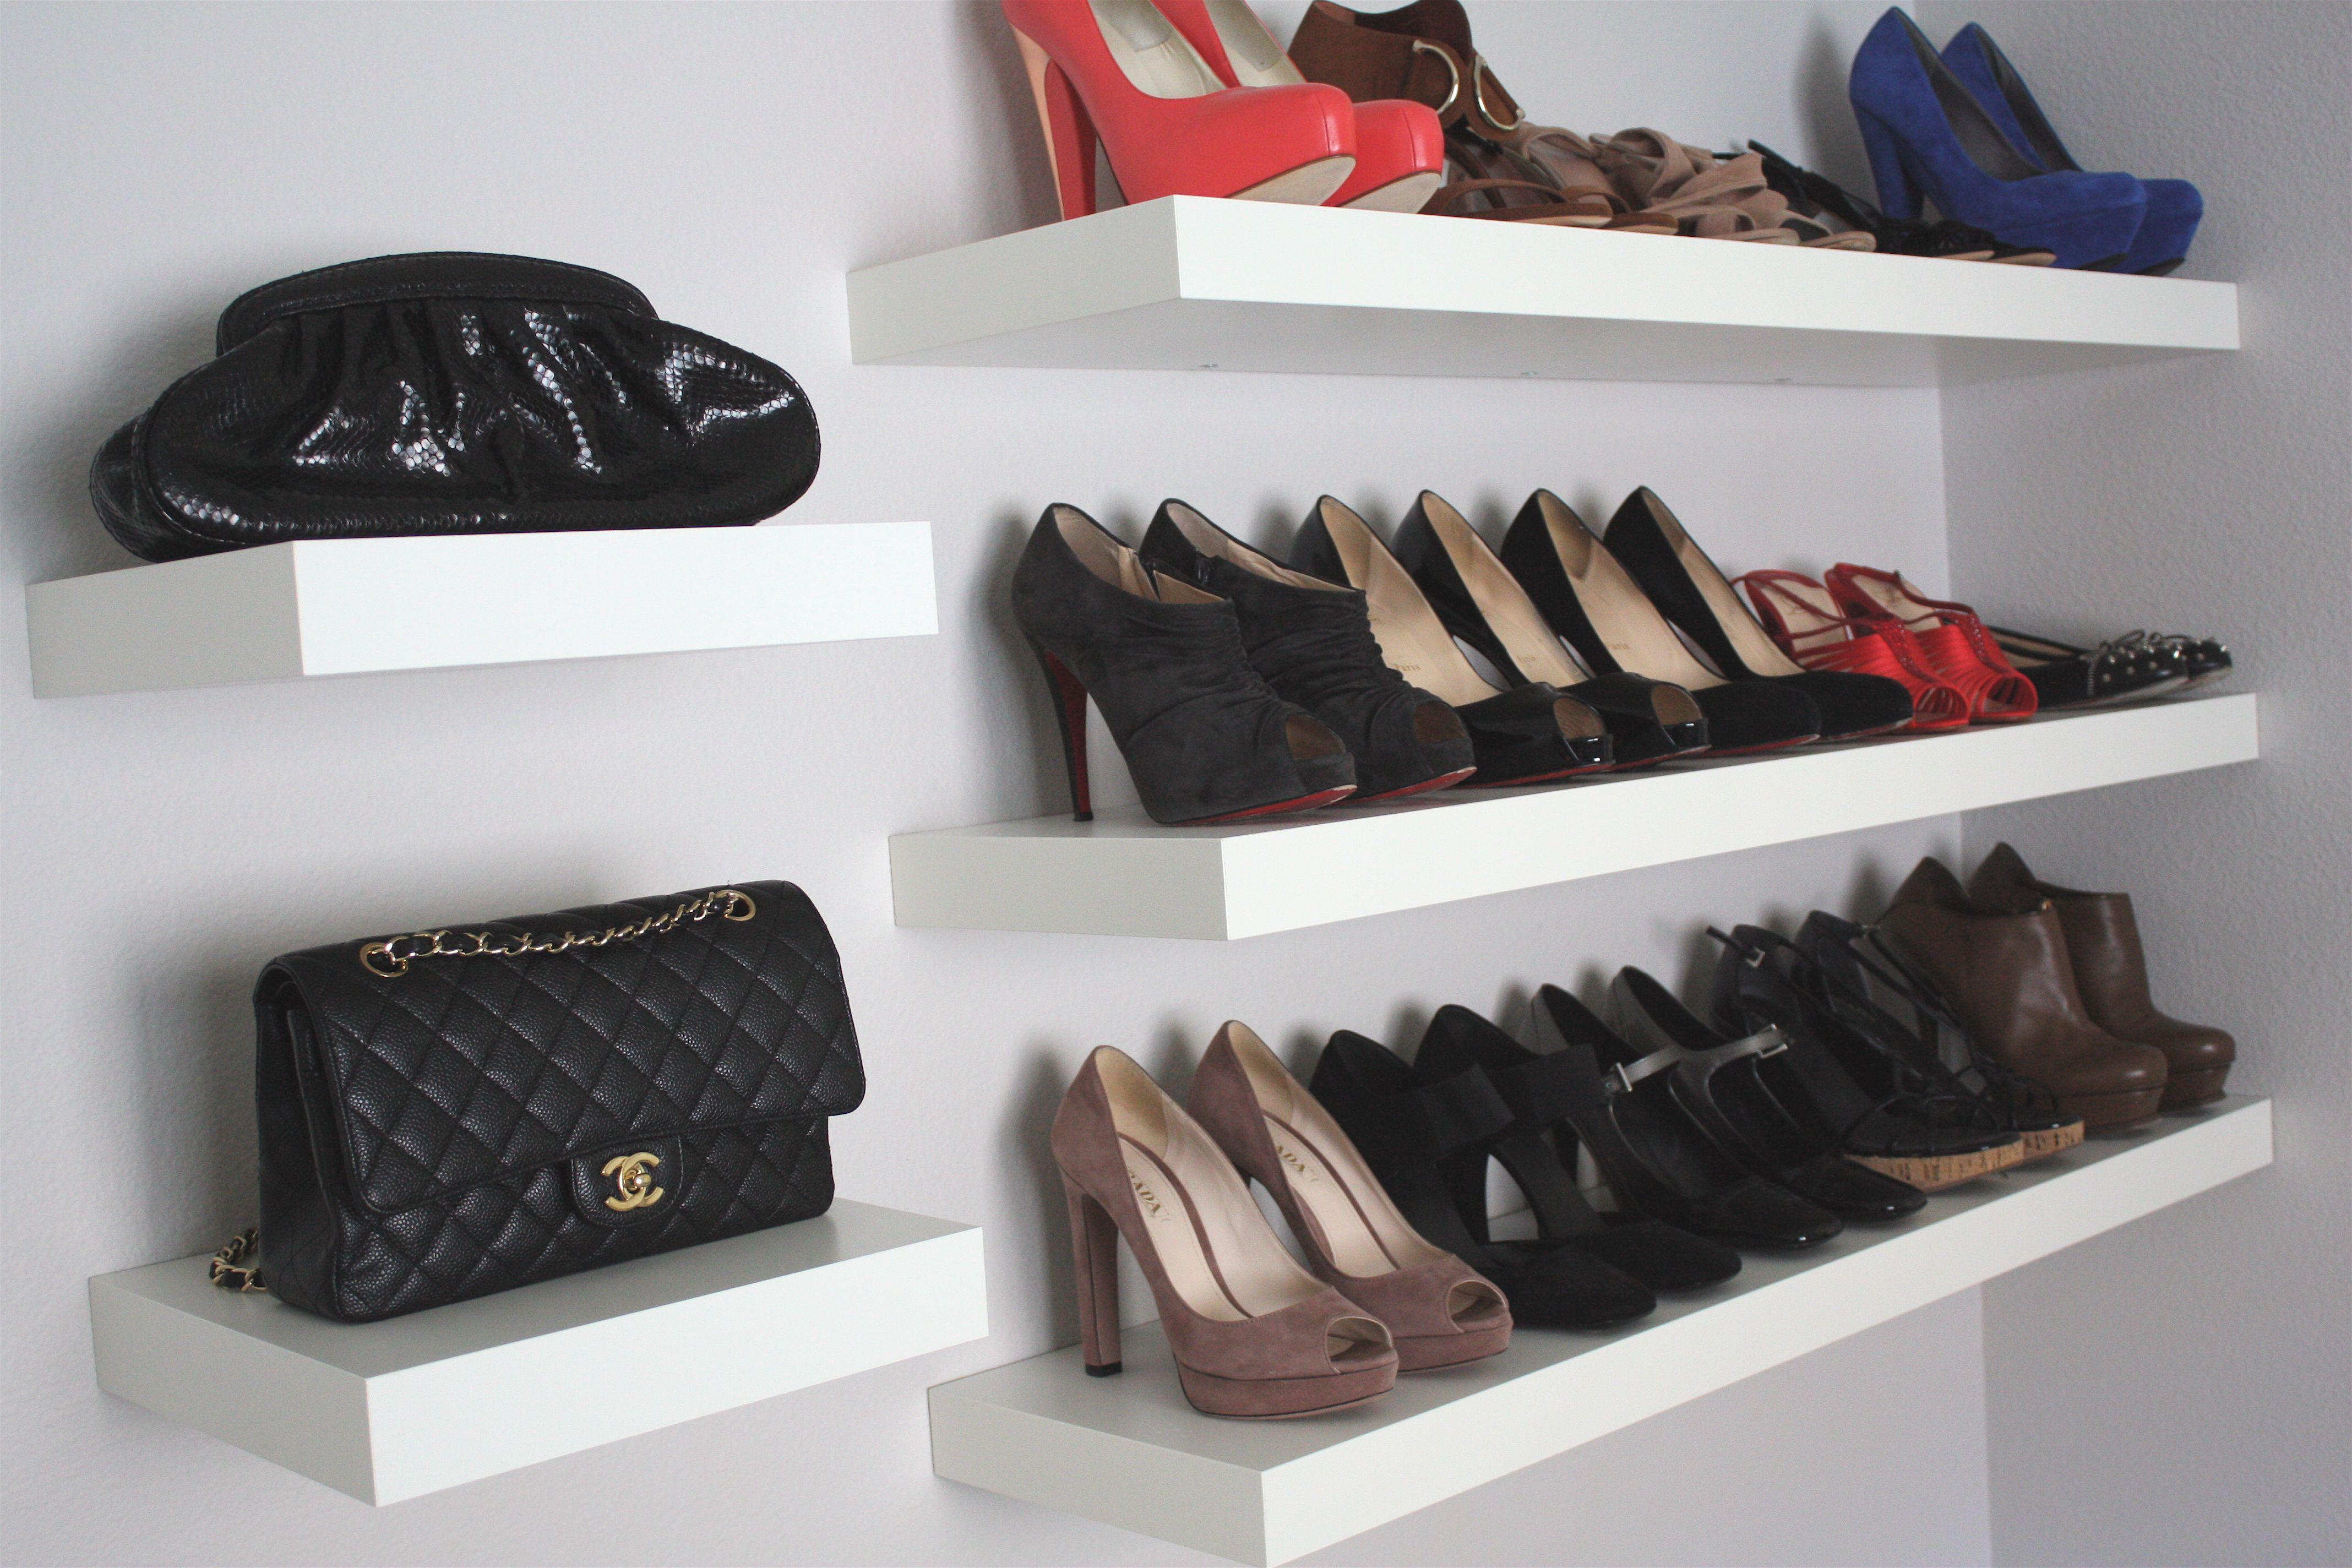 Wall Shelves For Shoes And Bags Ikea Lack Shelves Ikea Lack